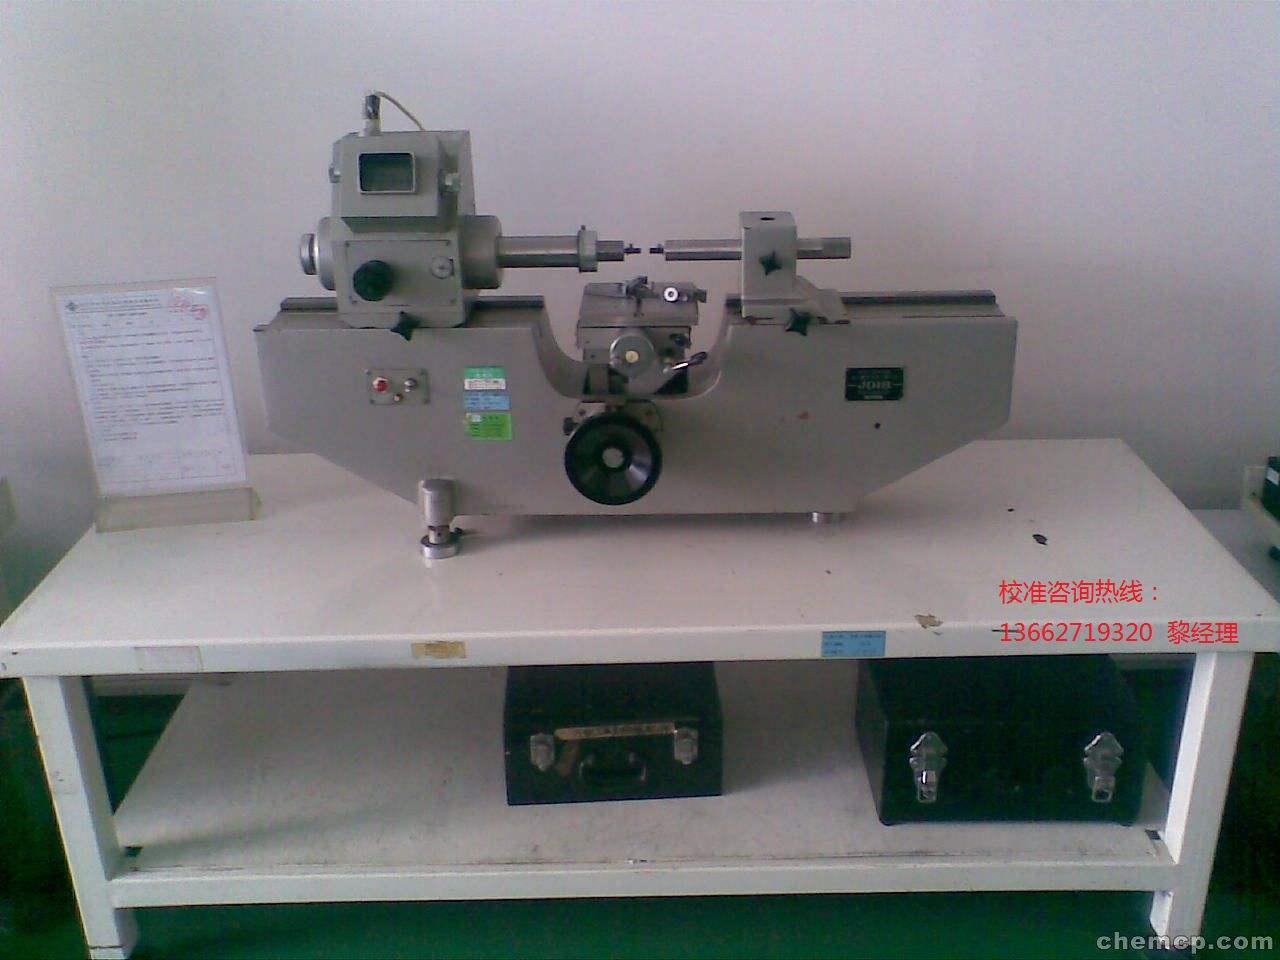 赣州市防雷中心检测设备校准/校验&仪器设备计量校准中心